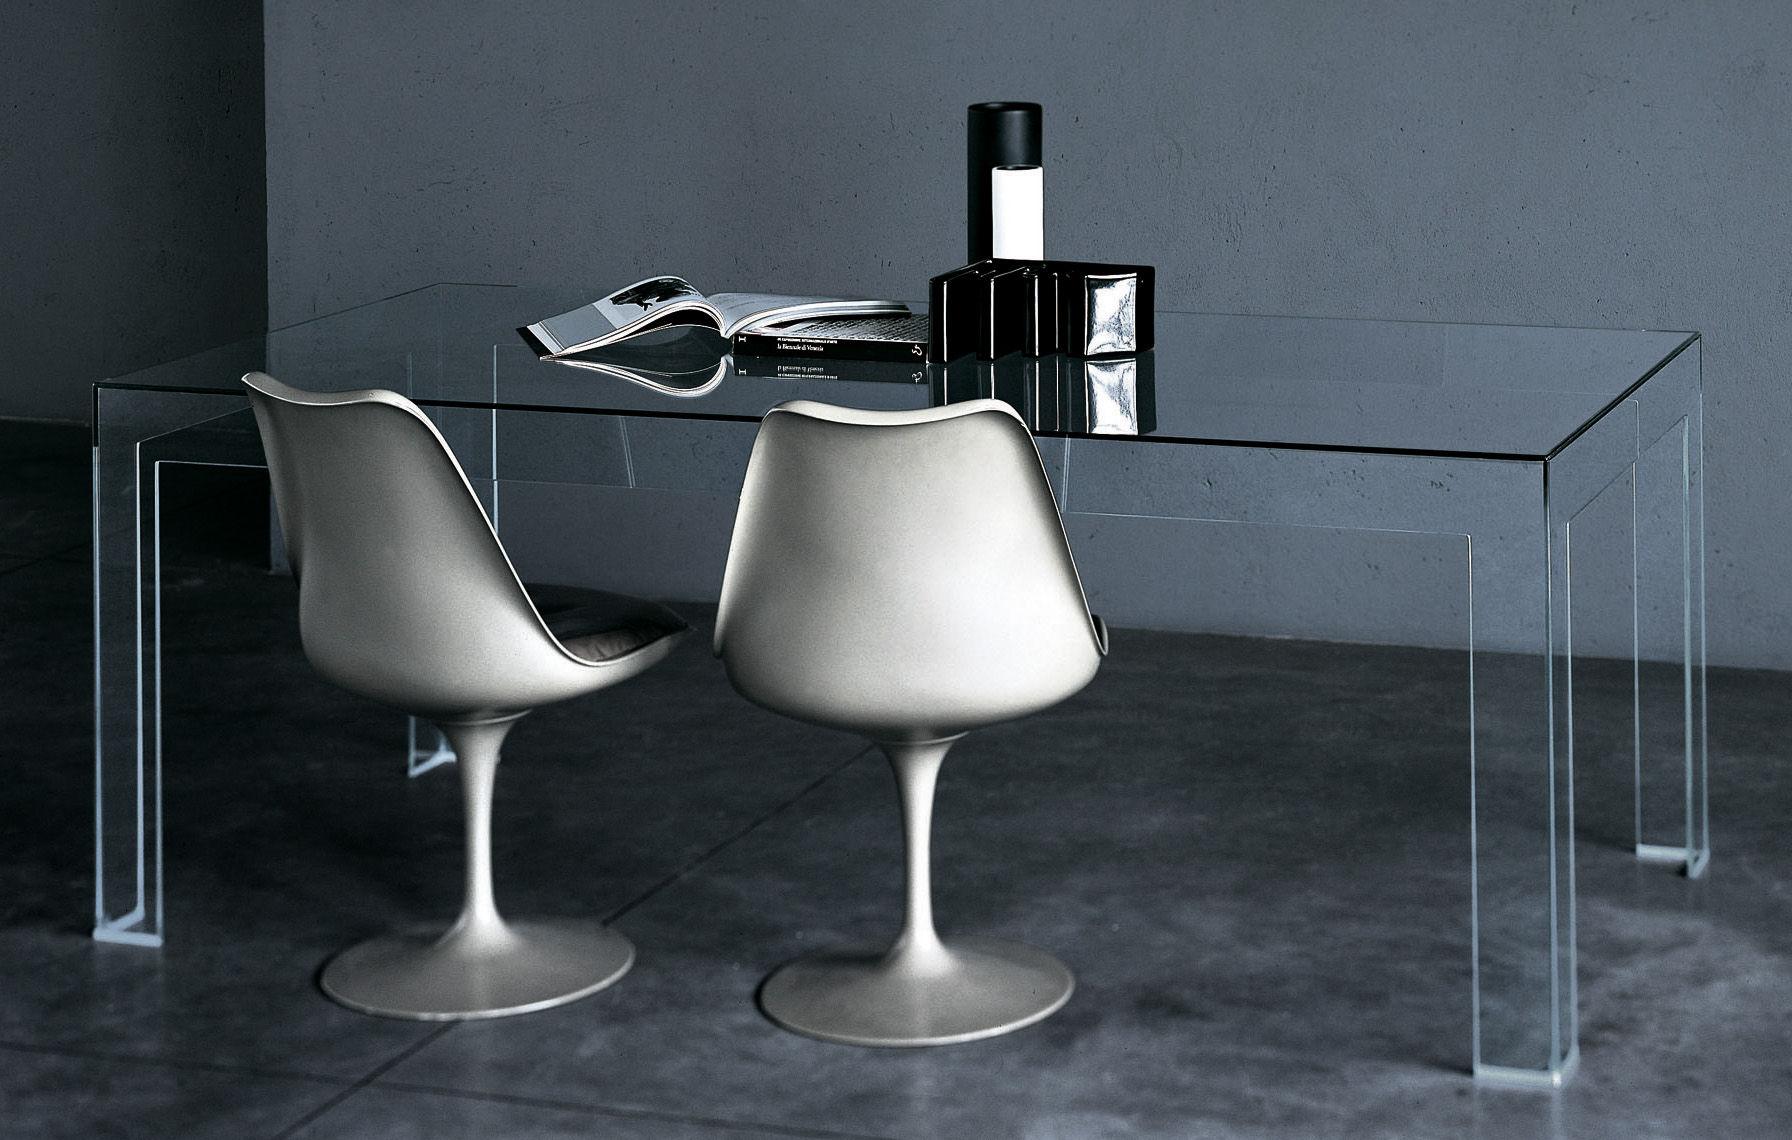 Rentrée 2011 UK - Bureau design - Table rectangulaire Atlantis / 200 x 90 cm - Glas Italia - Plateau rectangulaire  : 200 x 90 cm - Verre